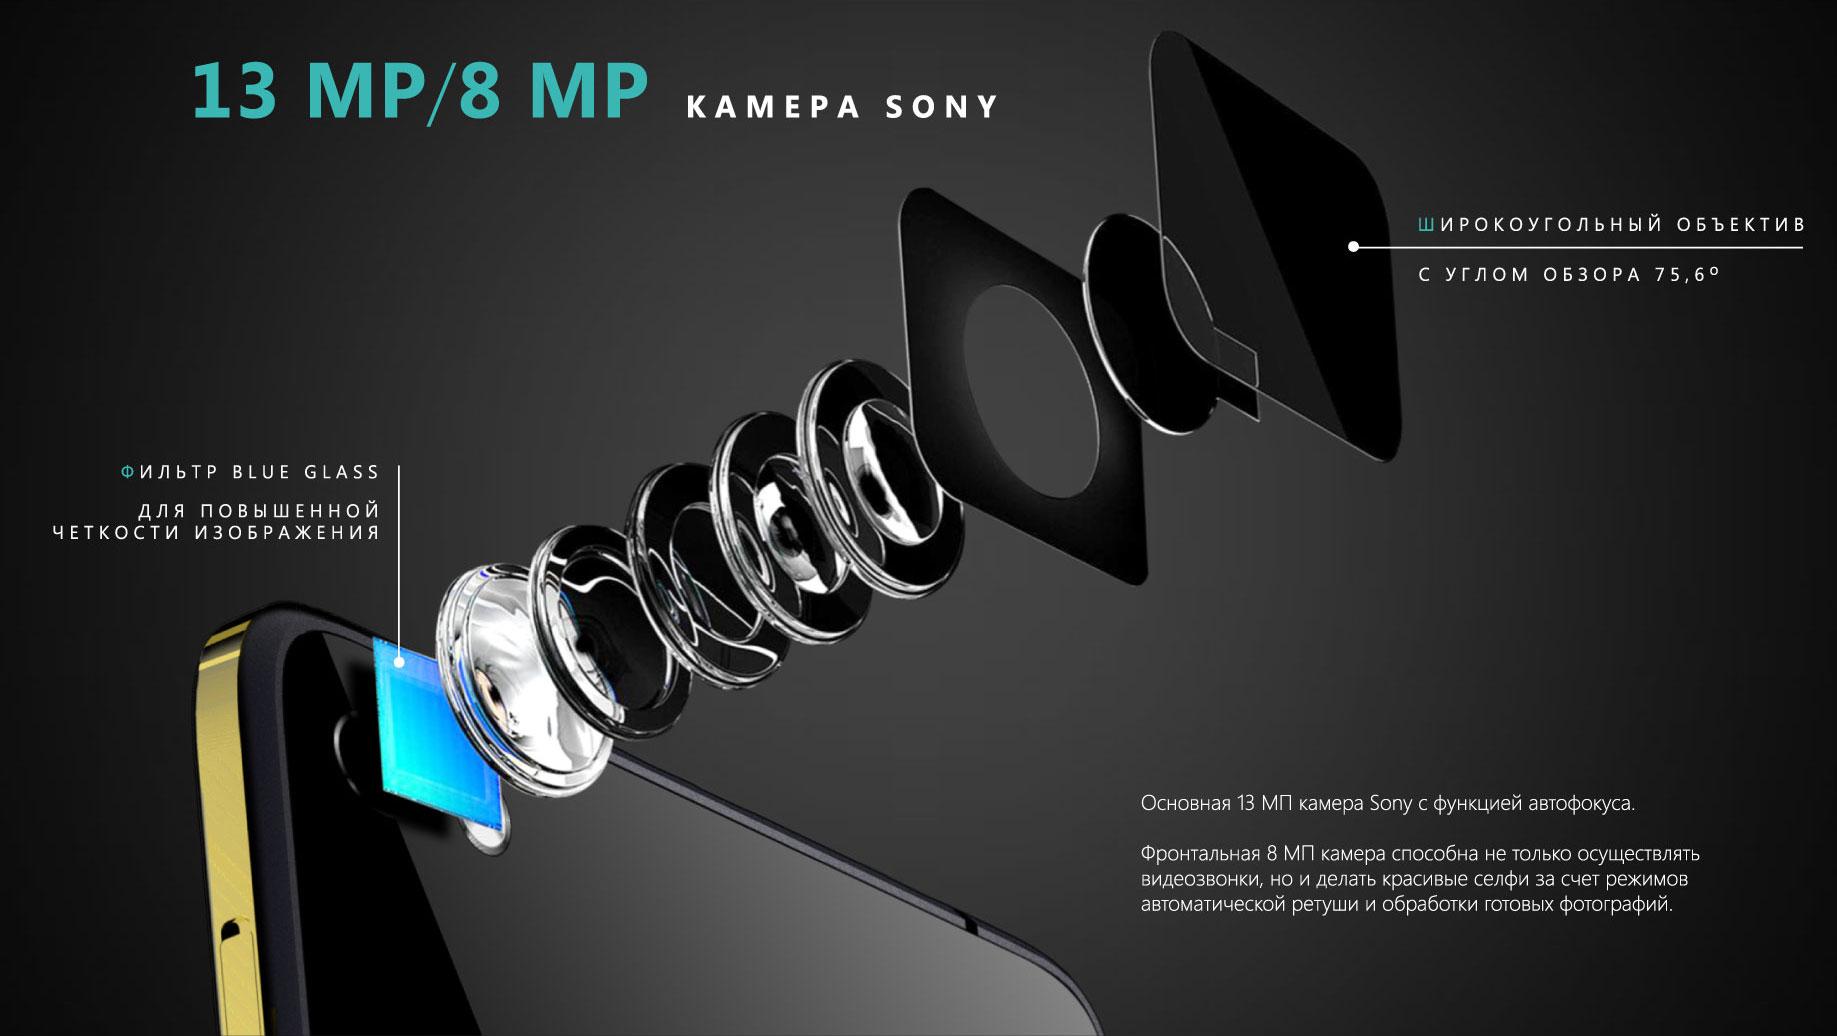 Основная 13 МП камера Sony с функцией автофокуса. Фронтальная 8 МП камера способна не только осуществлять видеозвонки, но и делать красивые селфи за счет режимов автоматической ретуши и обработки готовых фотографий.